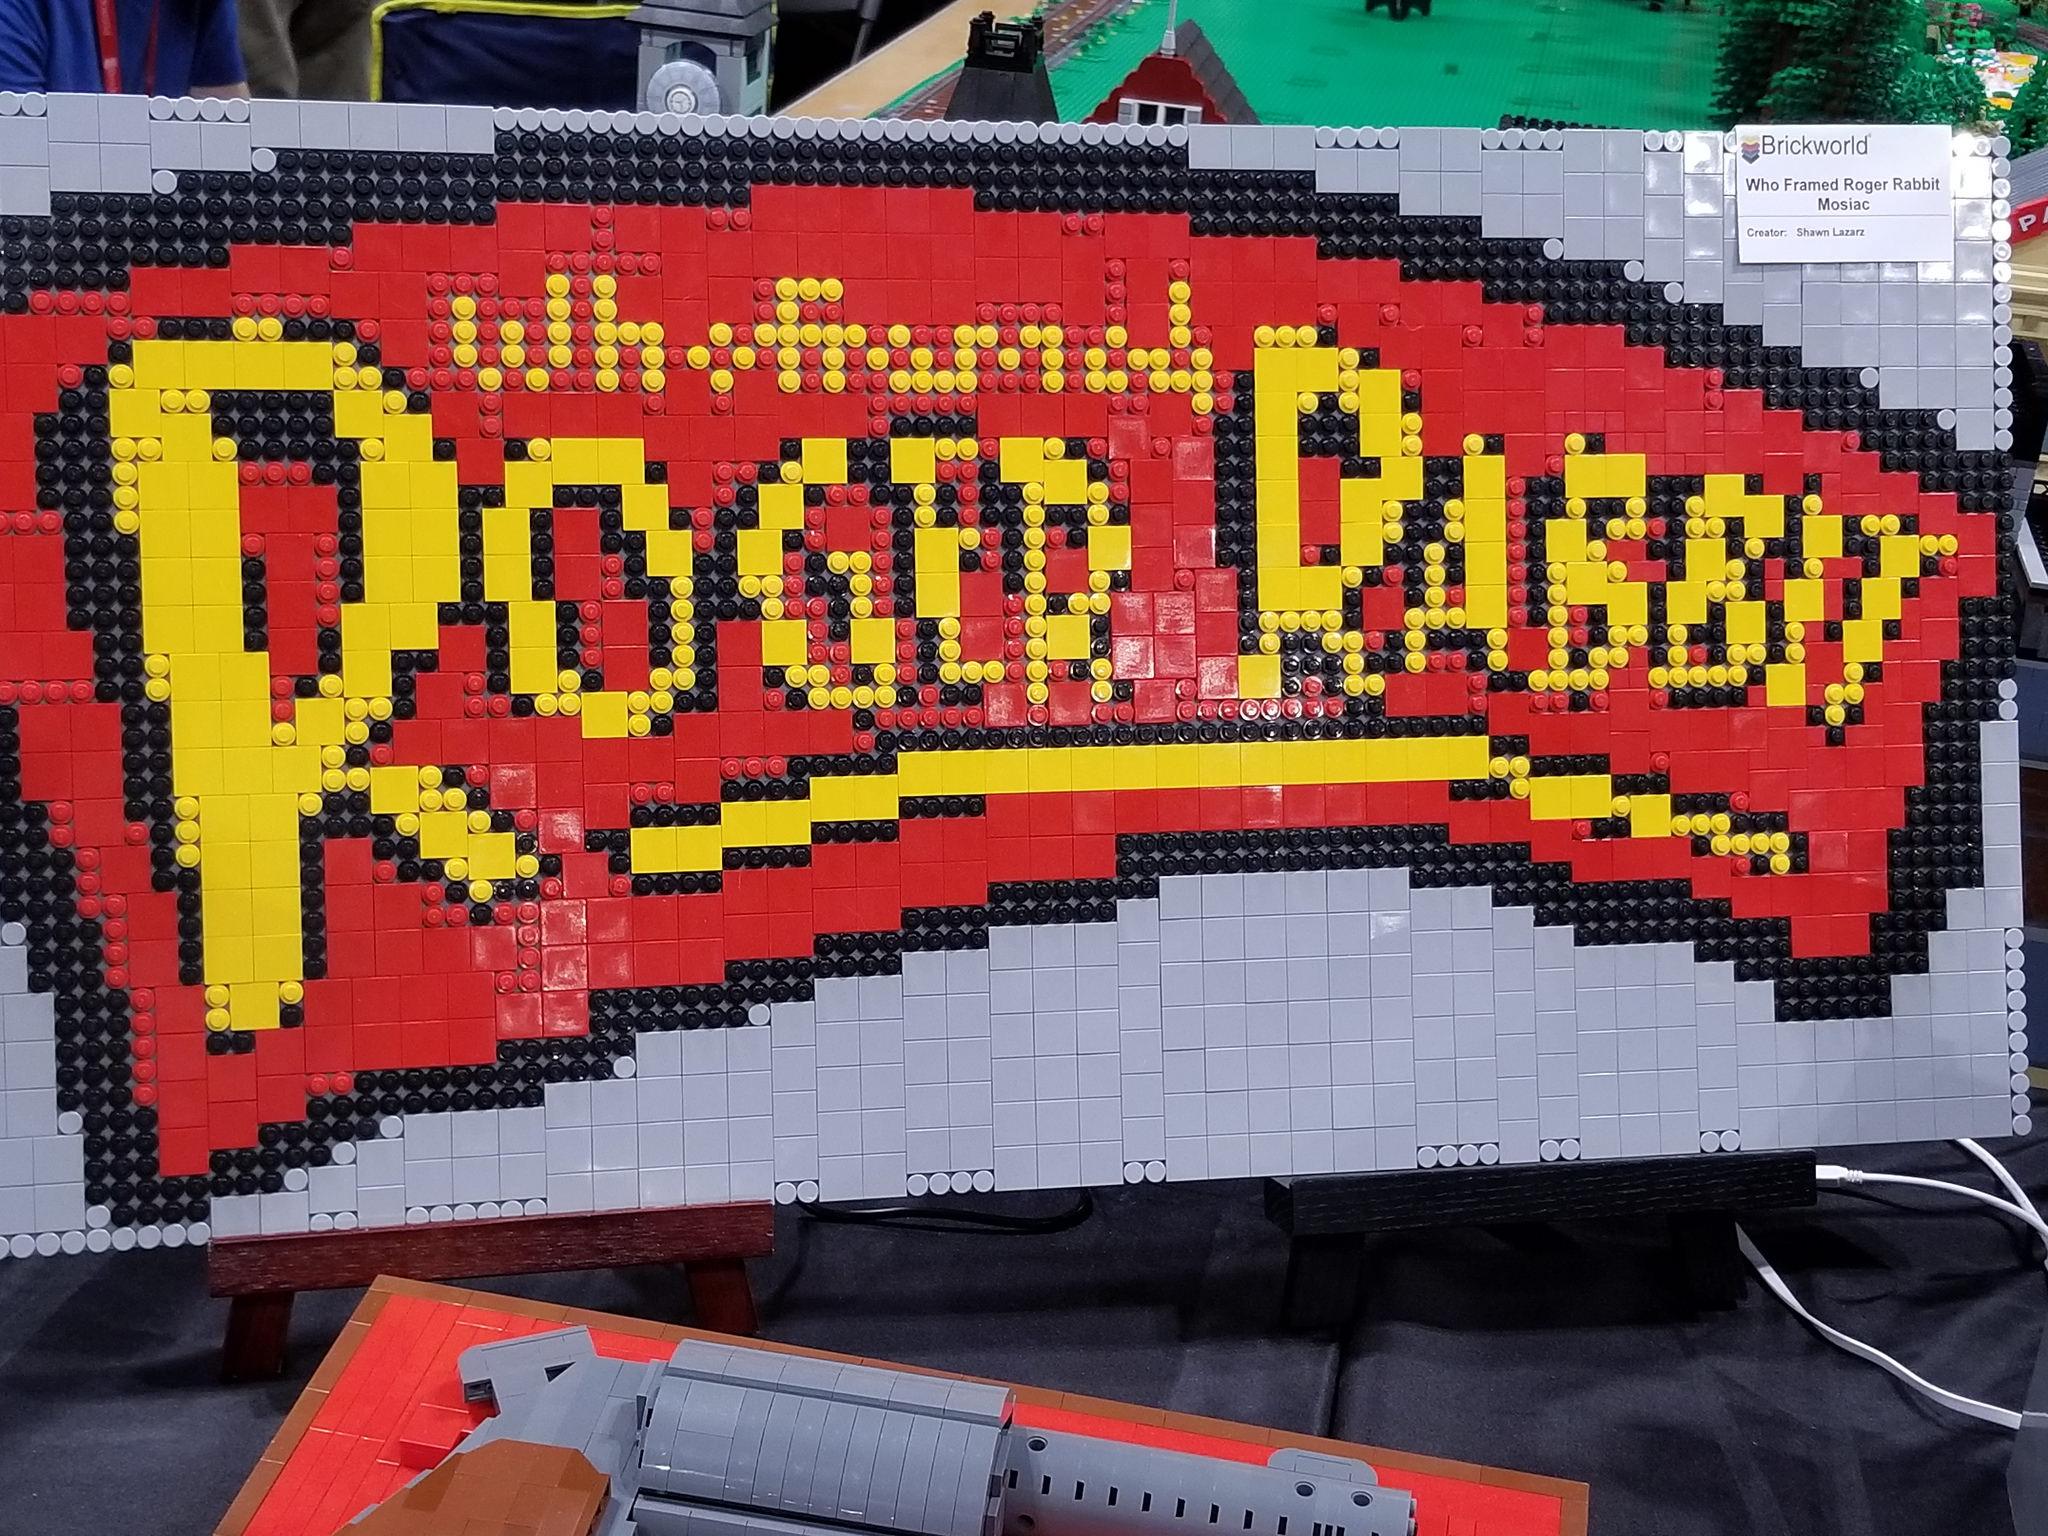 roger rabbit lego